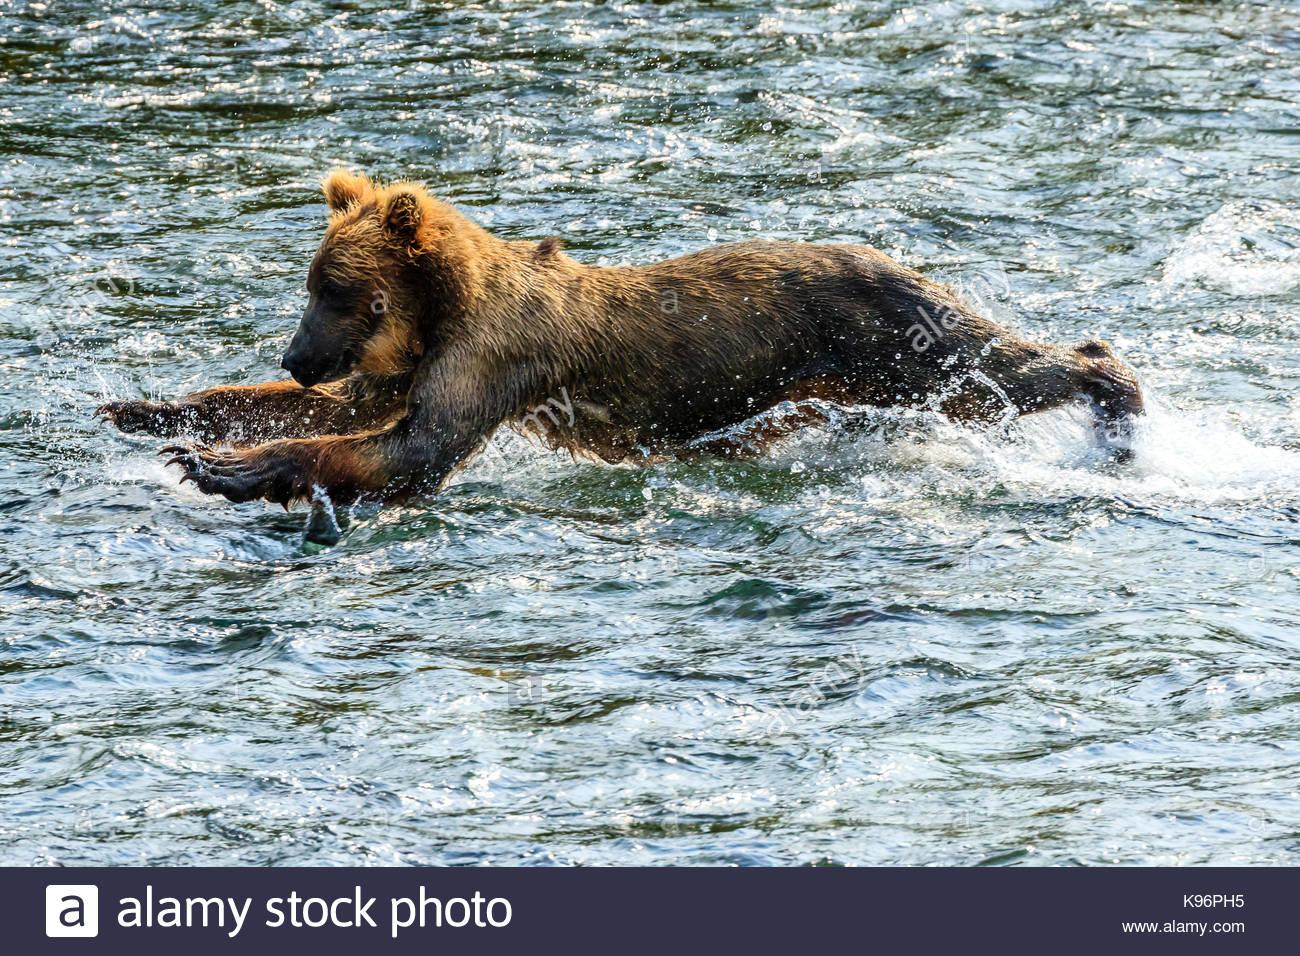 Jährling Braunbär, Ursus arctos, Angeln auf Lachs unter Brooks Falls. Stockfoto